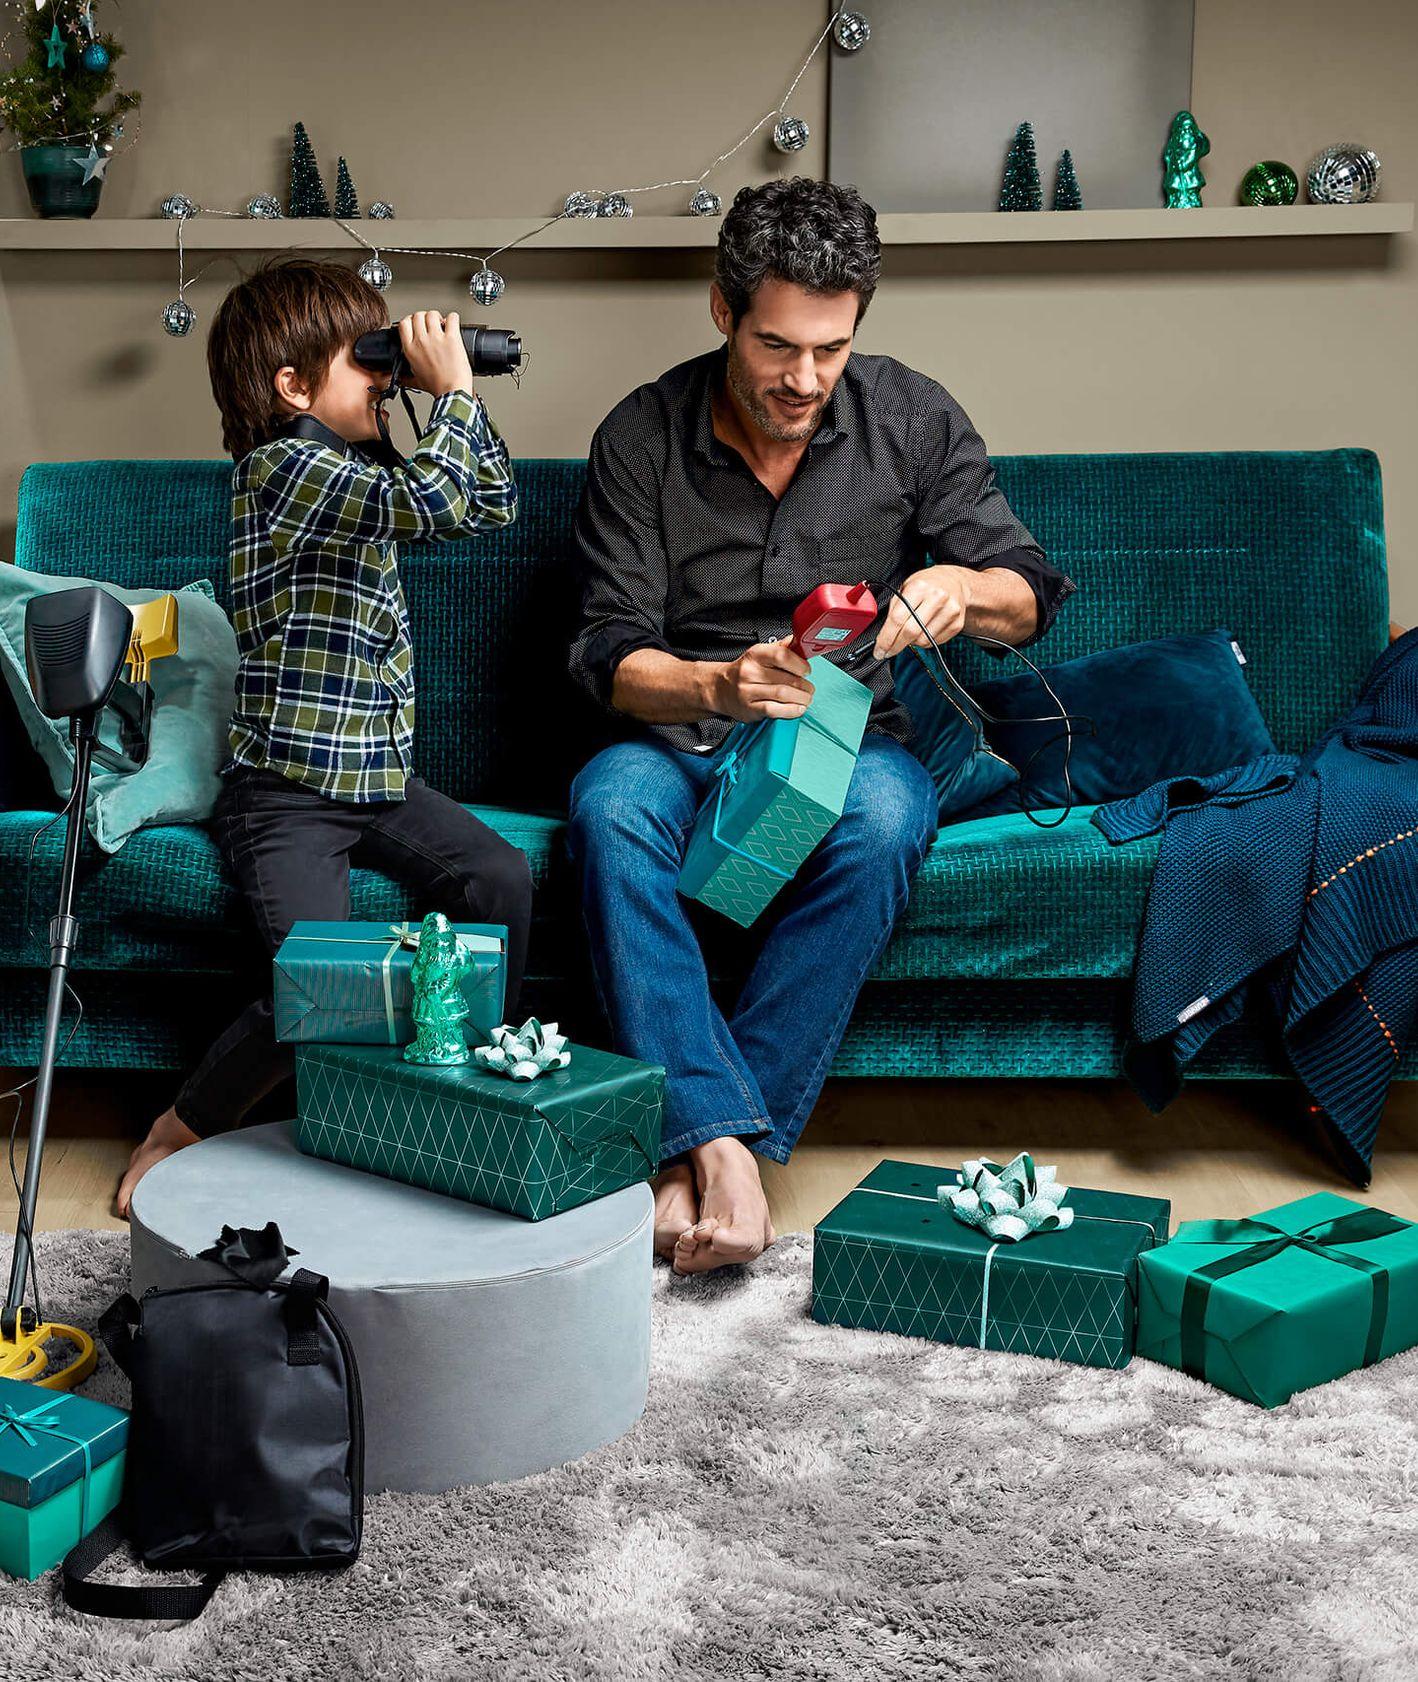 Tata wraz synem odpakowujący świąteczne prezenty, mała choinka w doniczce, świetlna girlanda i świąteczne pakunki na podłodze